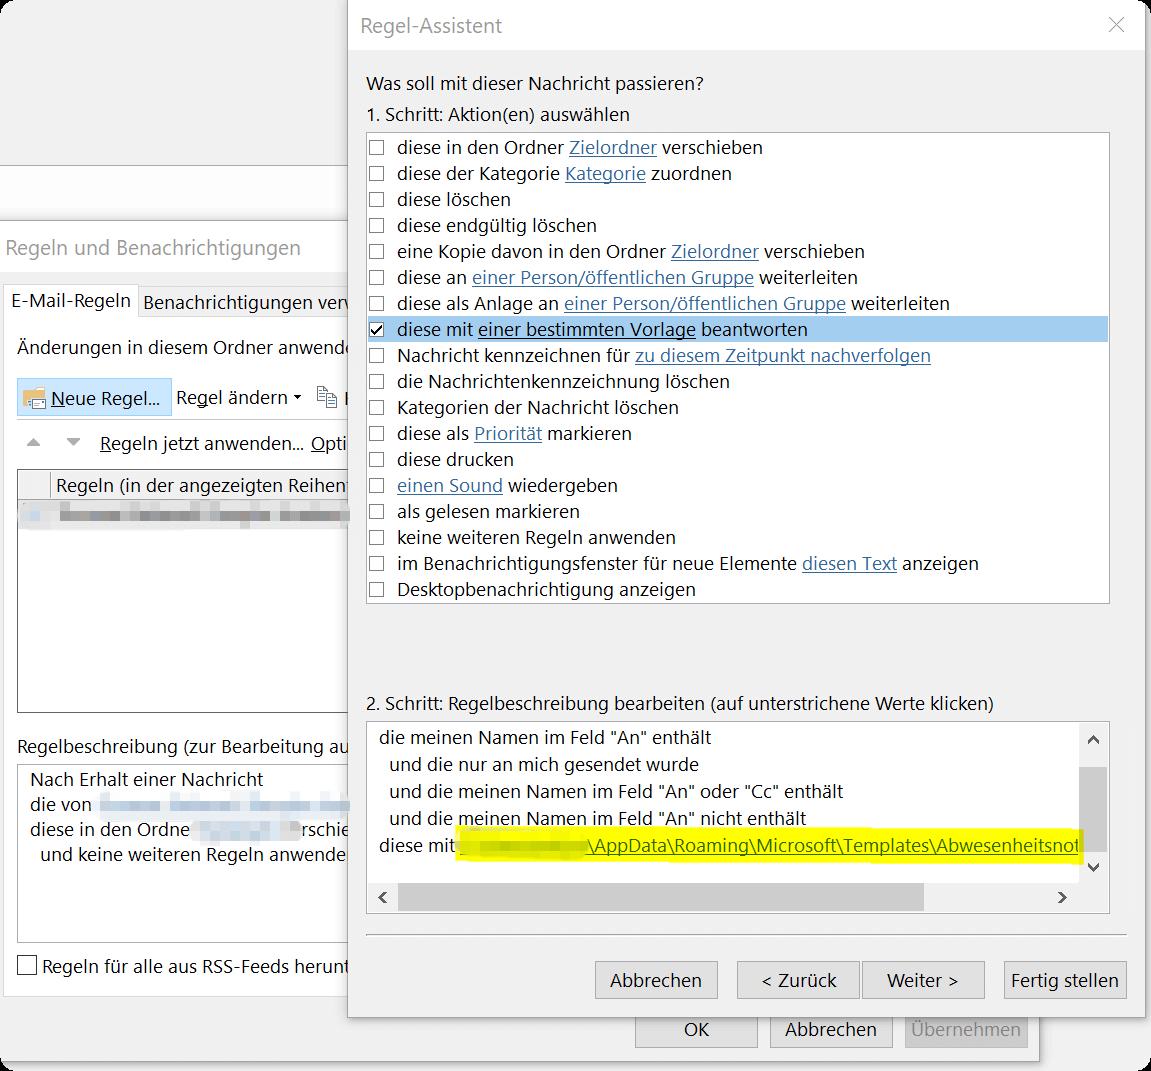 Outlook Regel Assistent - Regelbeschreibung